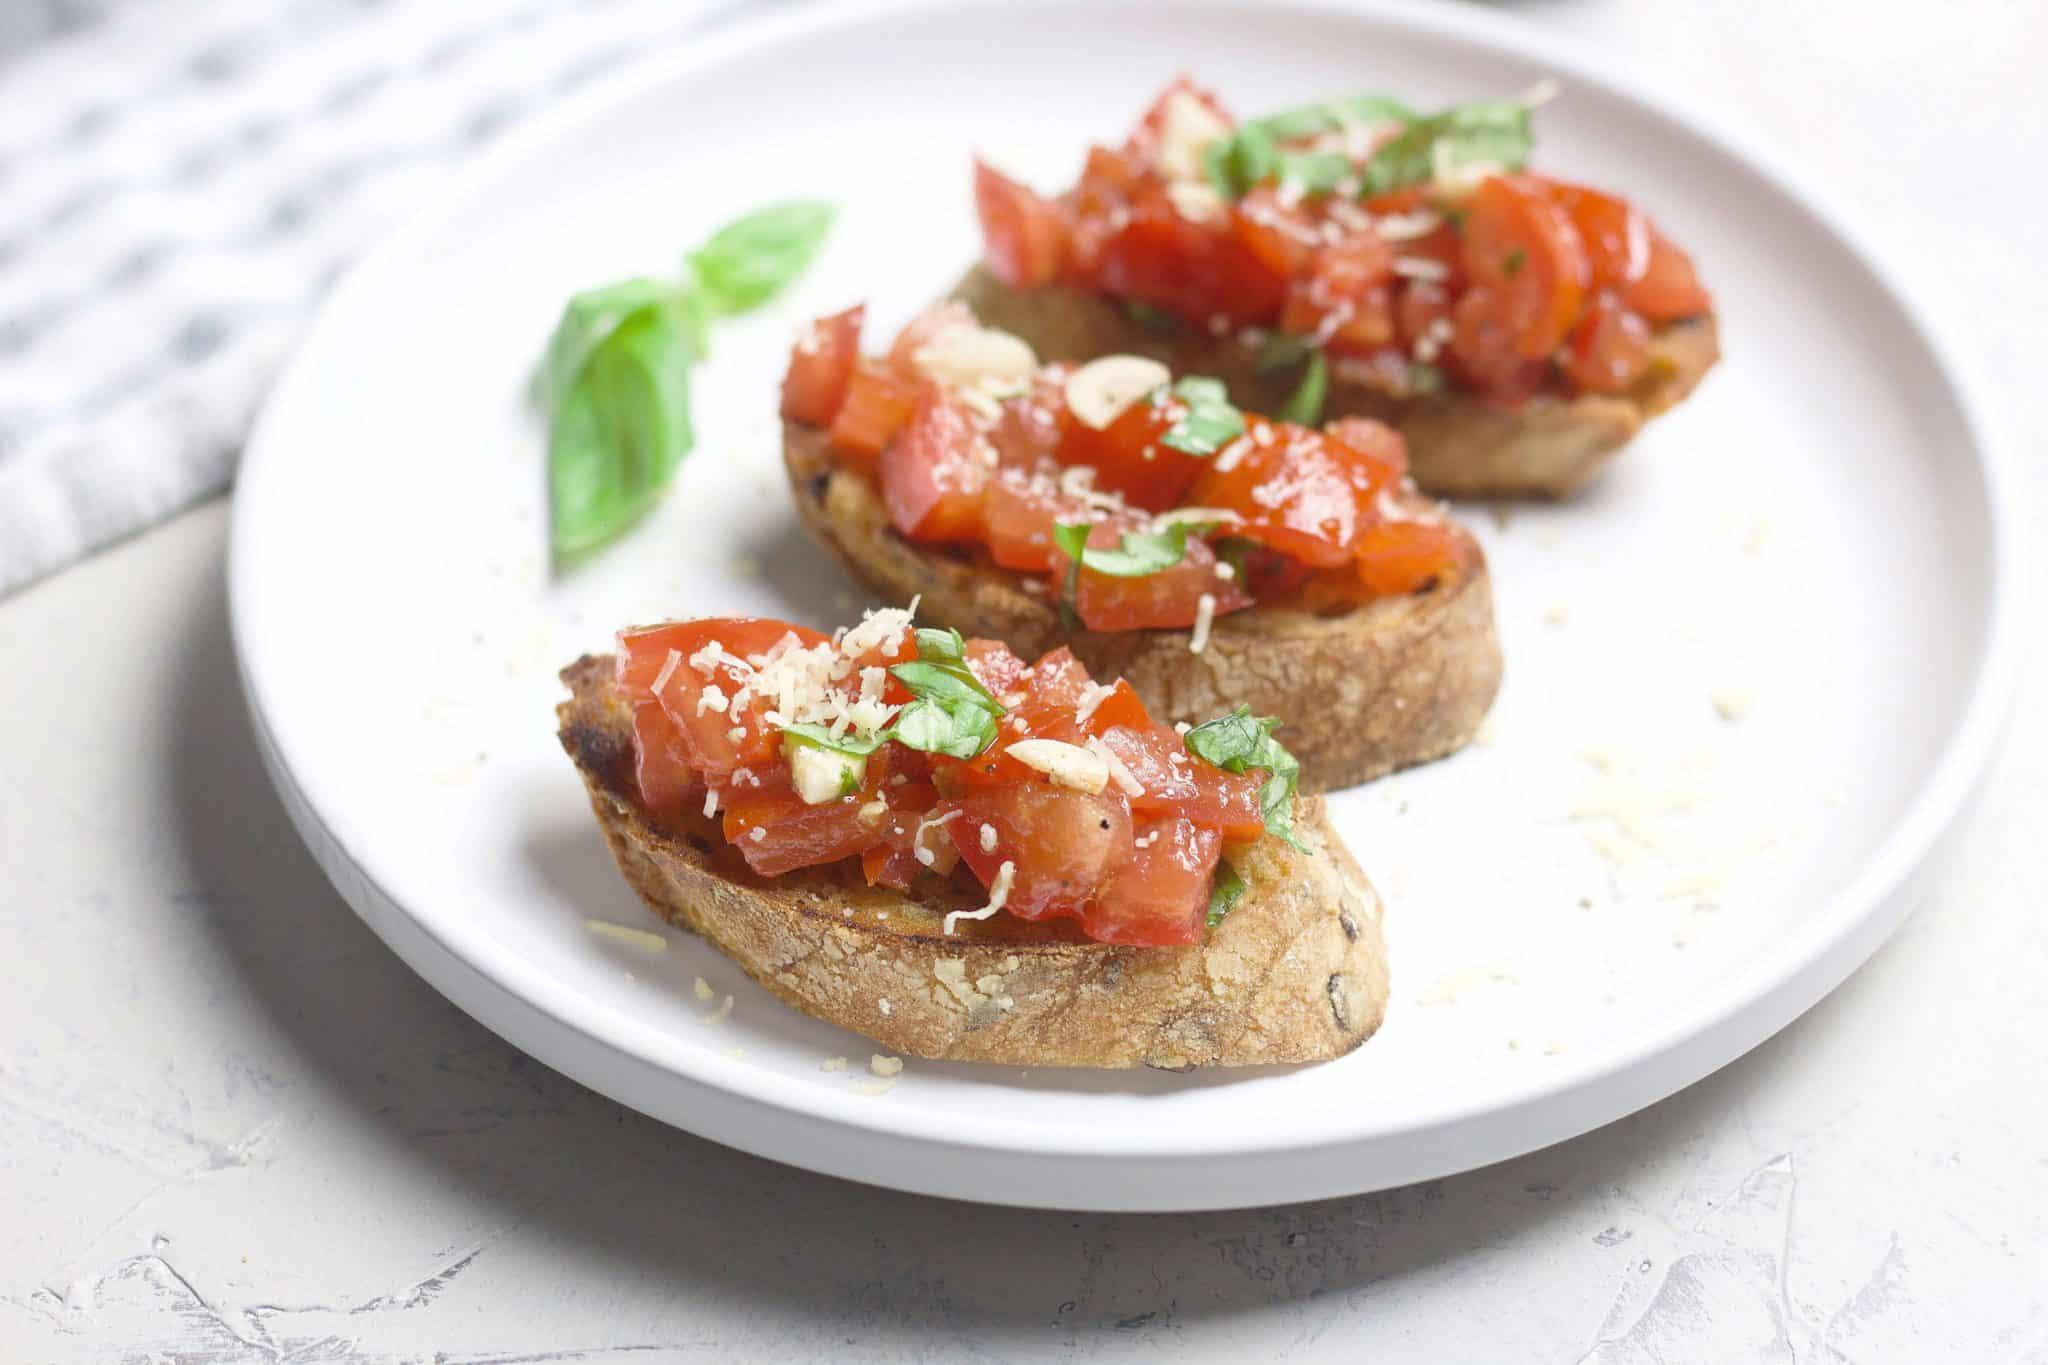 Classic bruschetta from fresh tomatoes